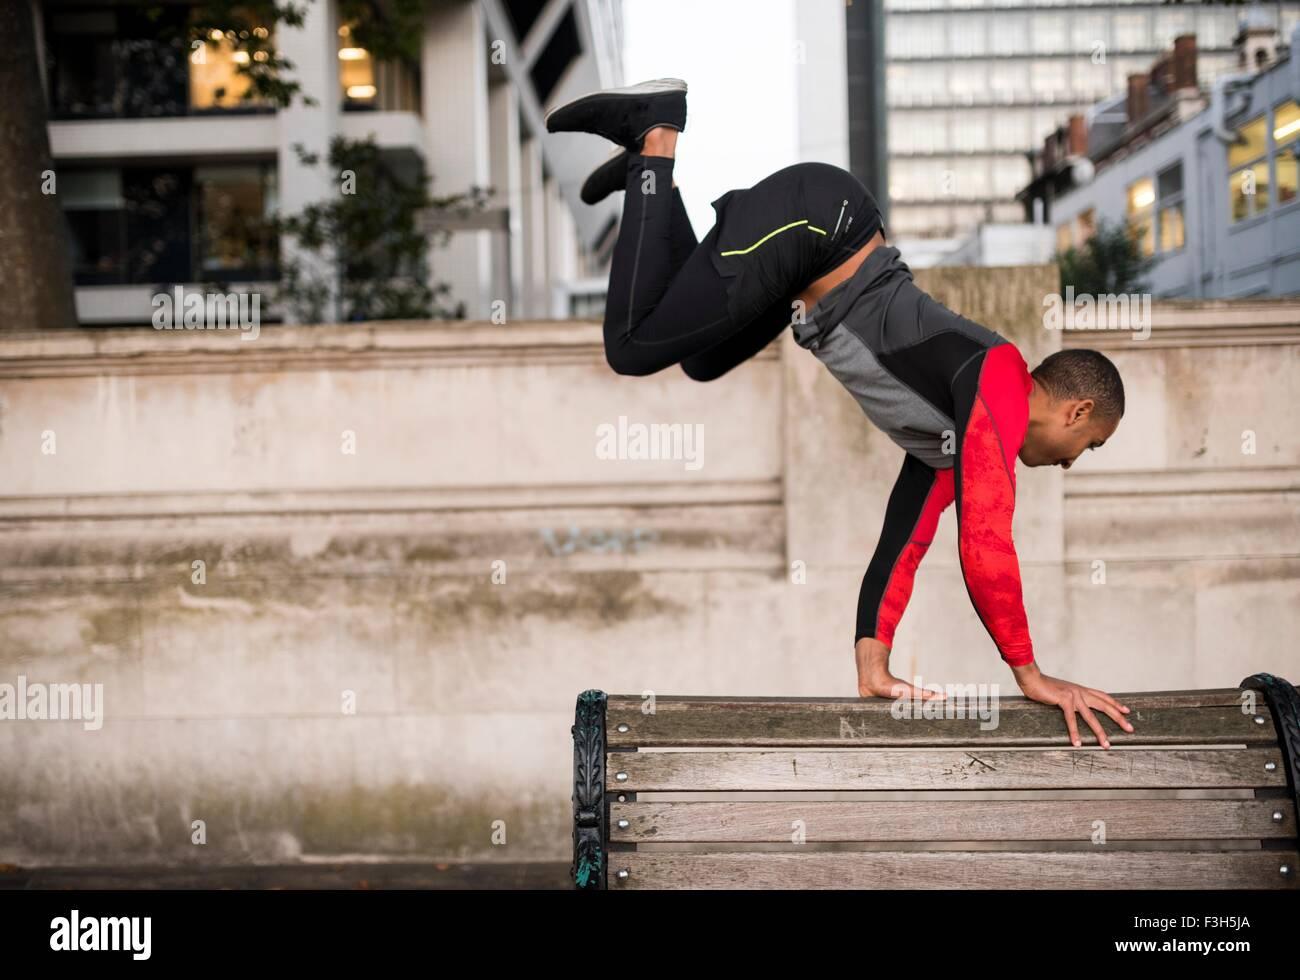 Giovane uomo saltando su una panchina nel parco in città Immagini Stock